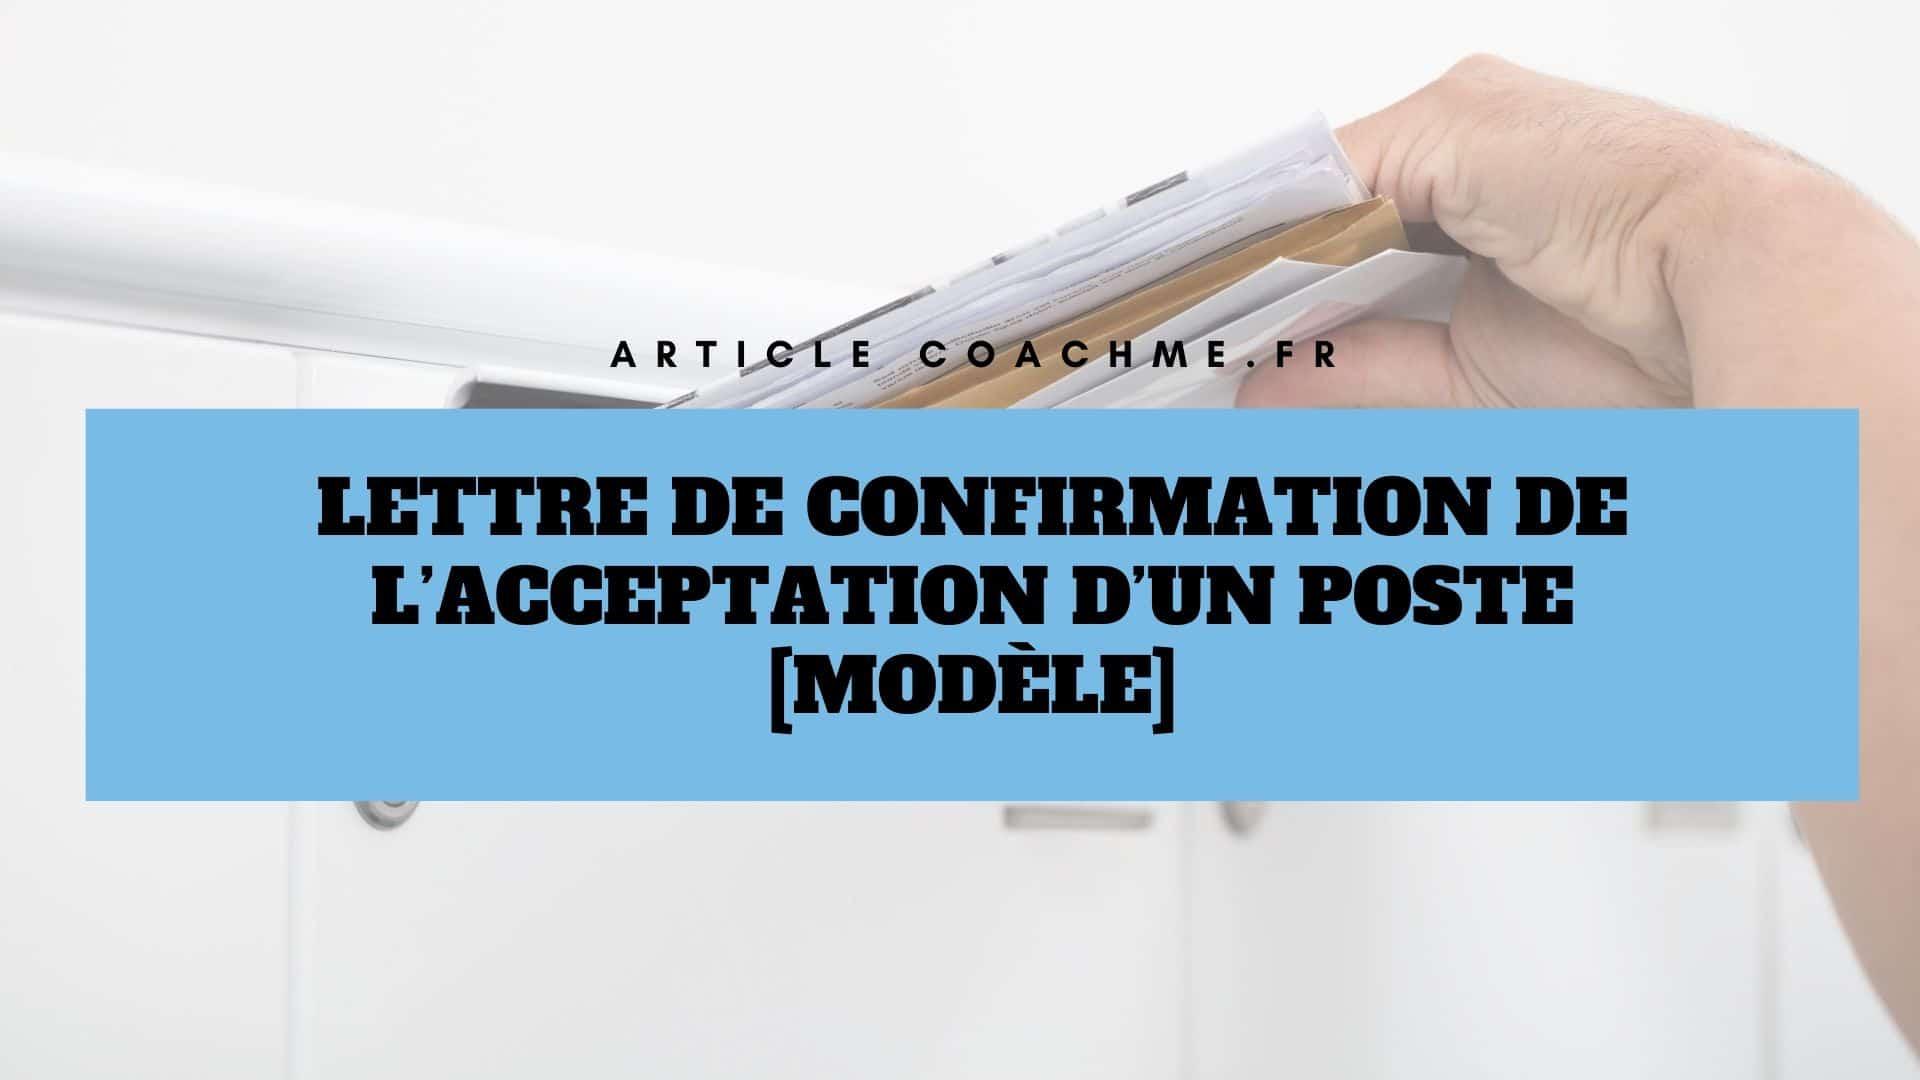 Lettre De Confirmation De L Acceptation D Un Poste Modele